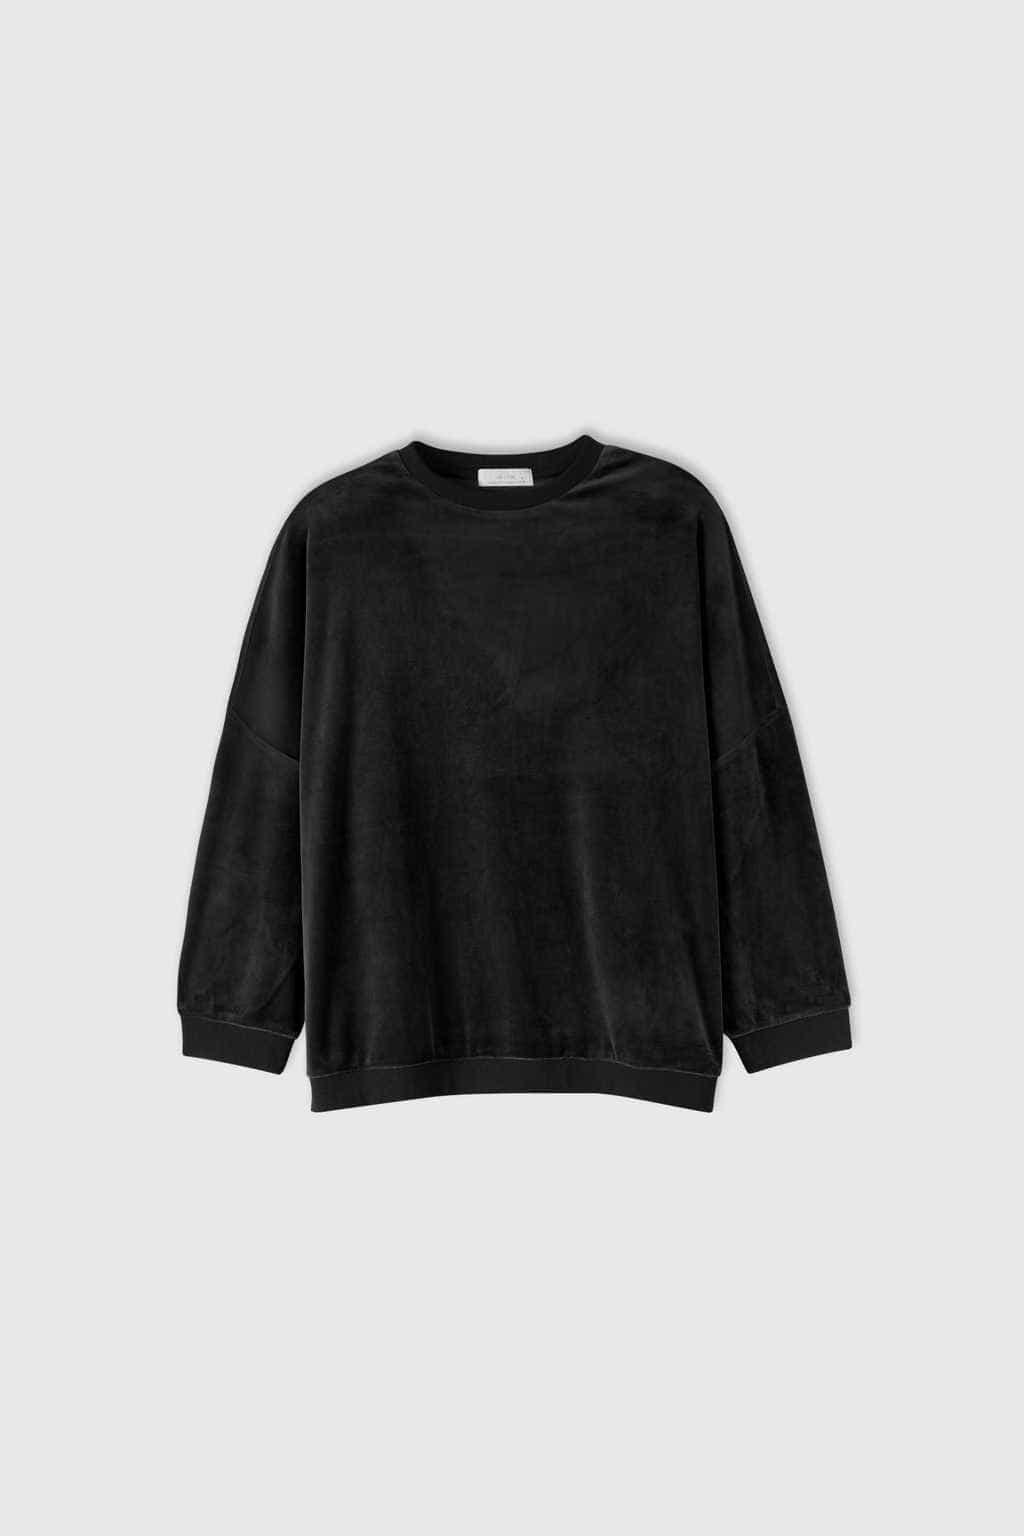 TShirt 2605 Black 10